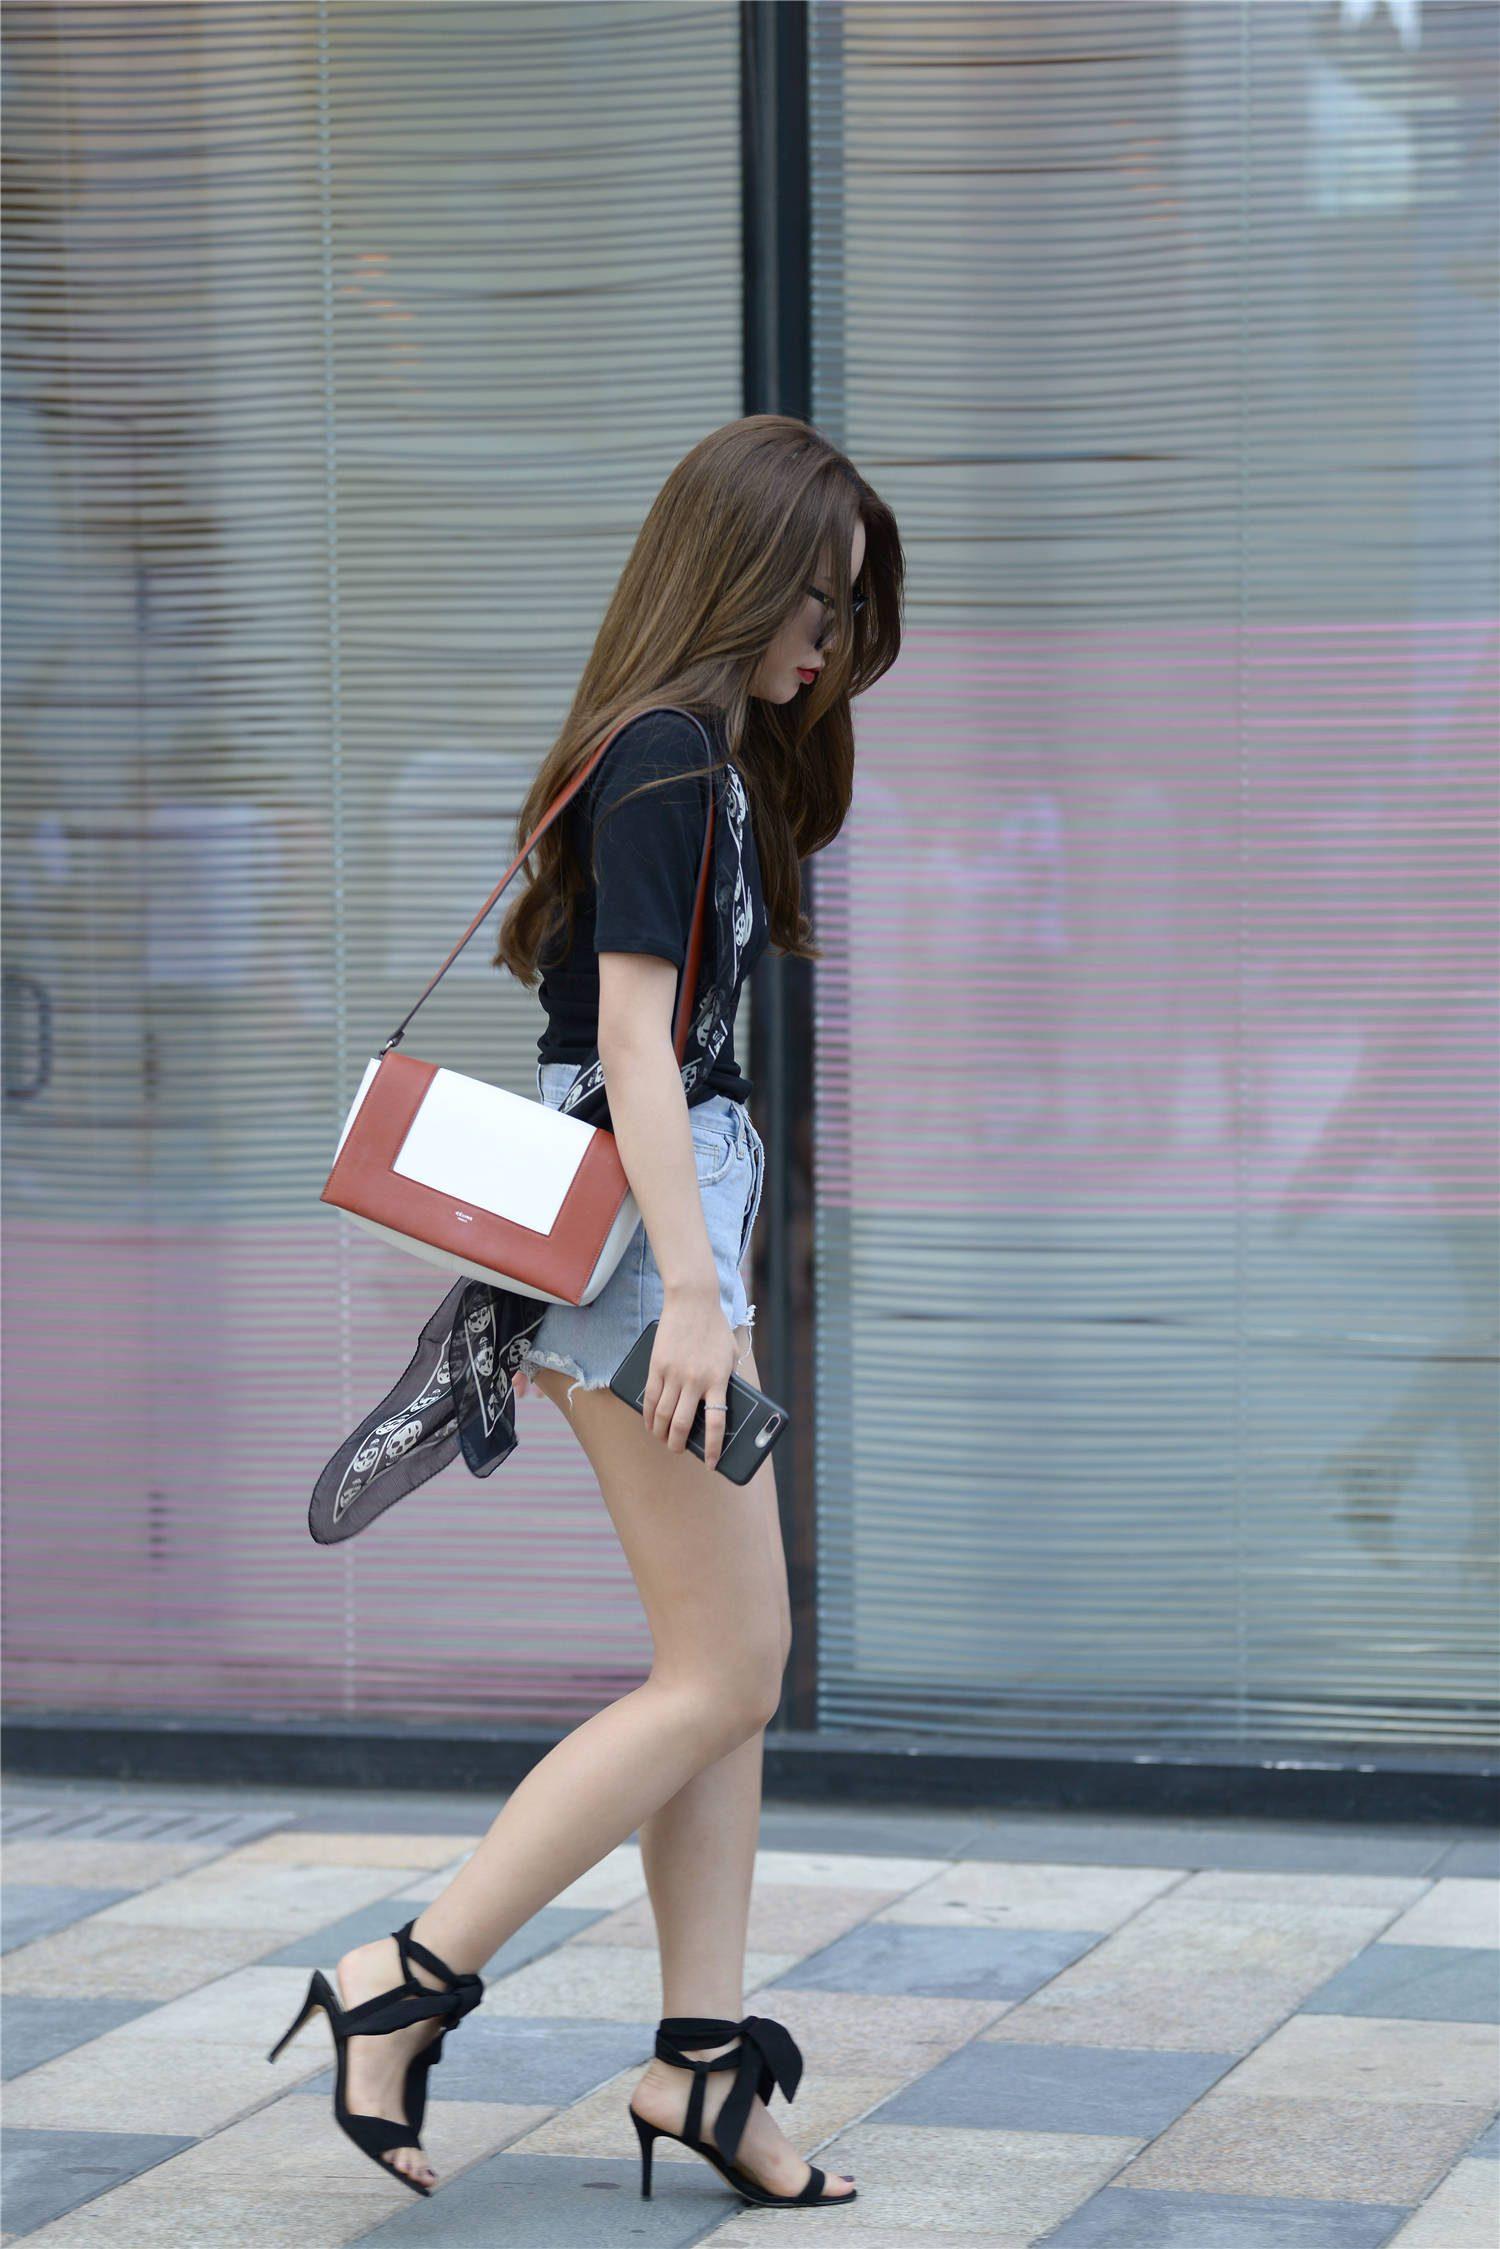 这双凉鞋太漂亮了,简约的细跟设计,搭配浅蓝色的毛边牛仔短裤